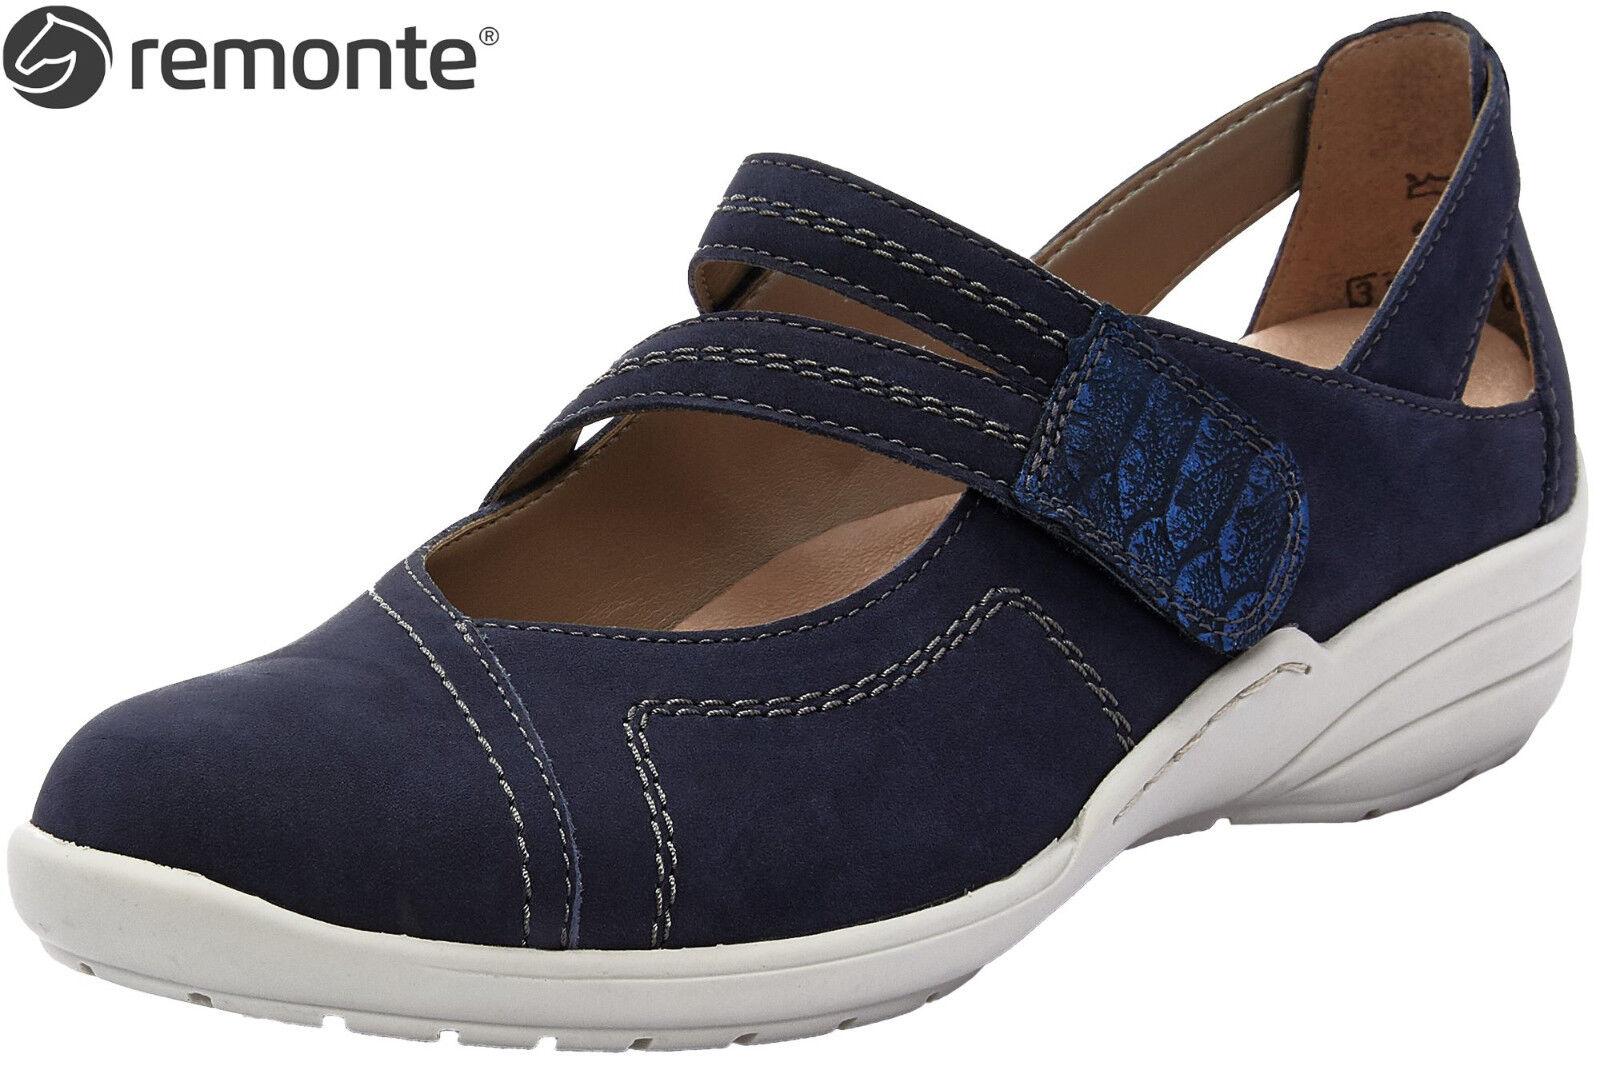 Remonte Damen Schuhe R7615-14 Ballerina Blau Leder Komfortweite lose Einlage